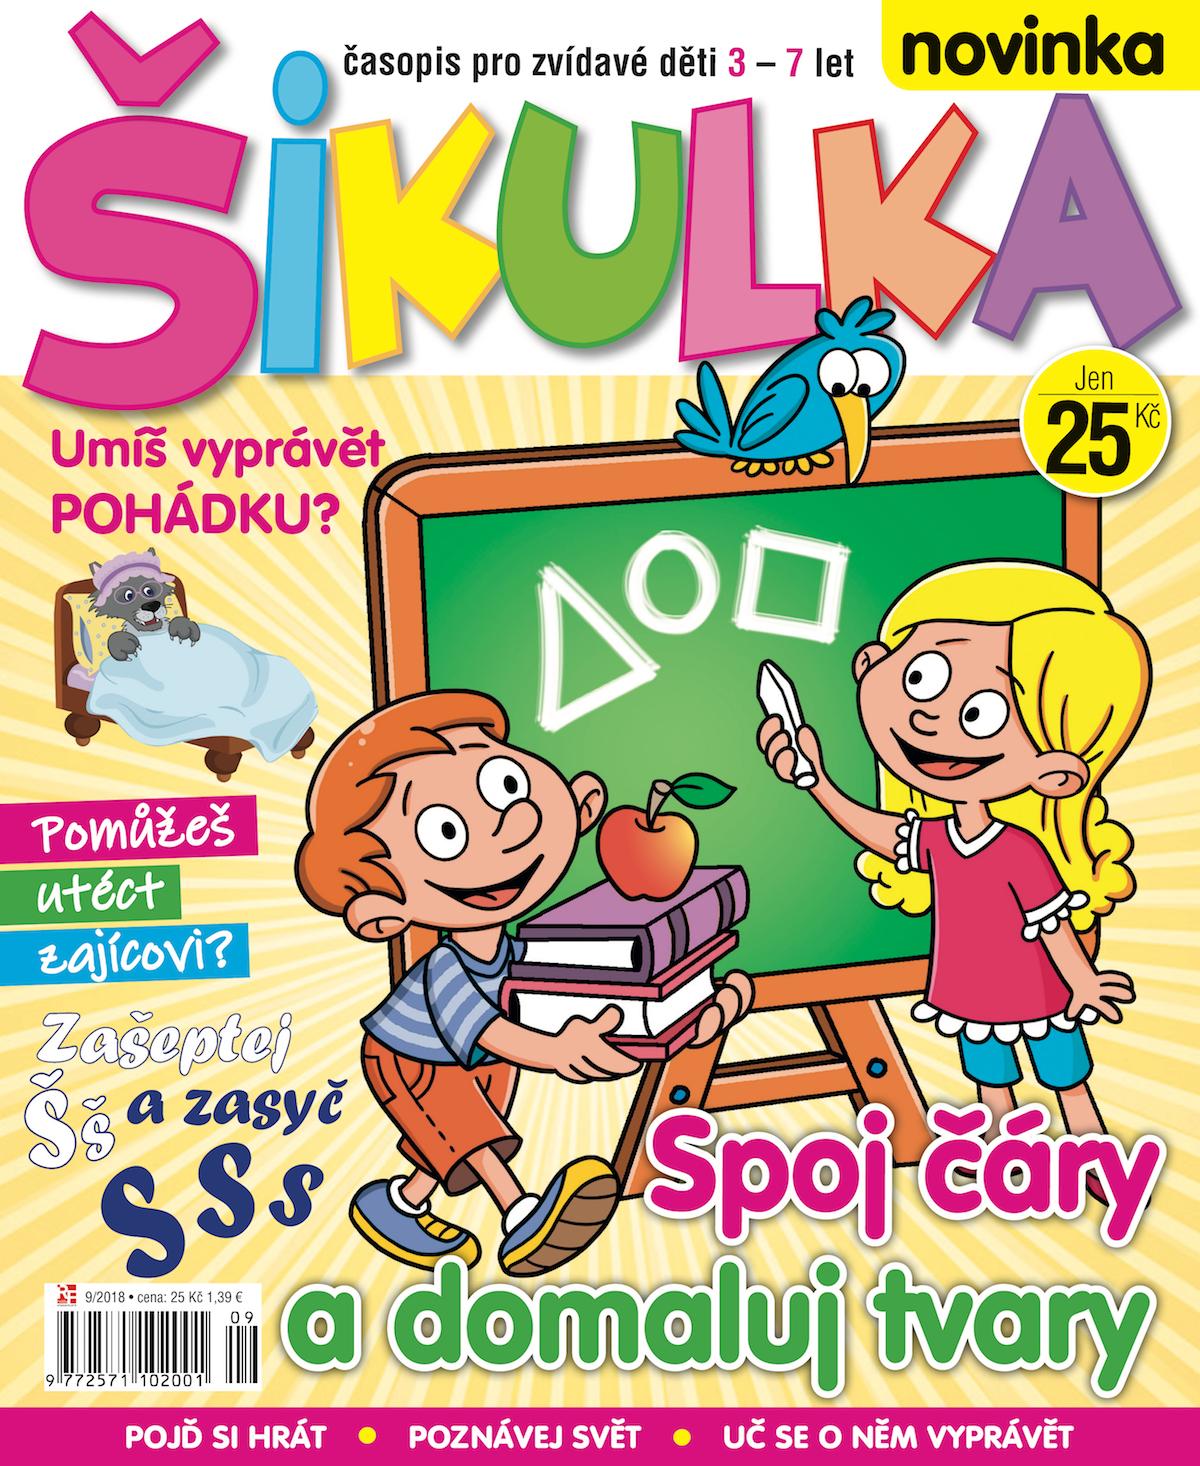 Titulní strana prvního vydání časopisu Šikulka